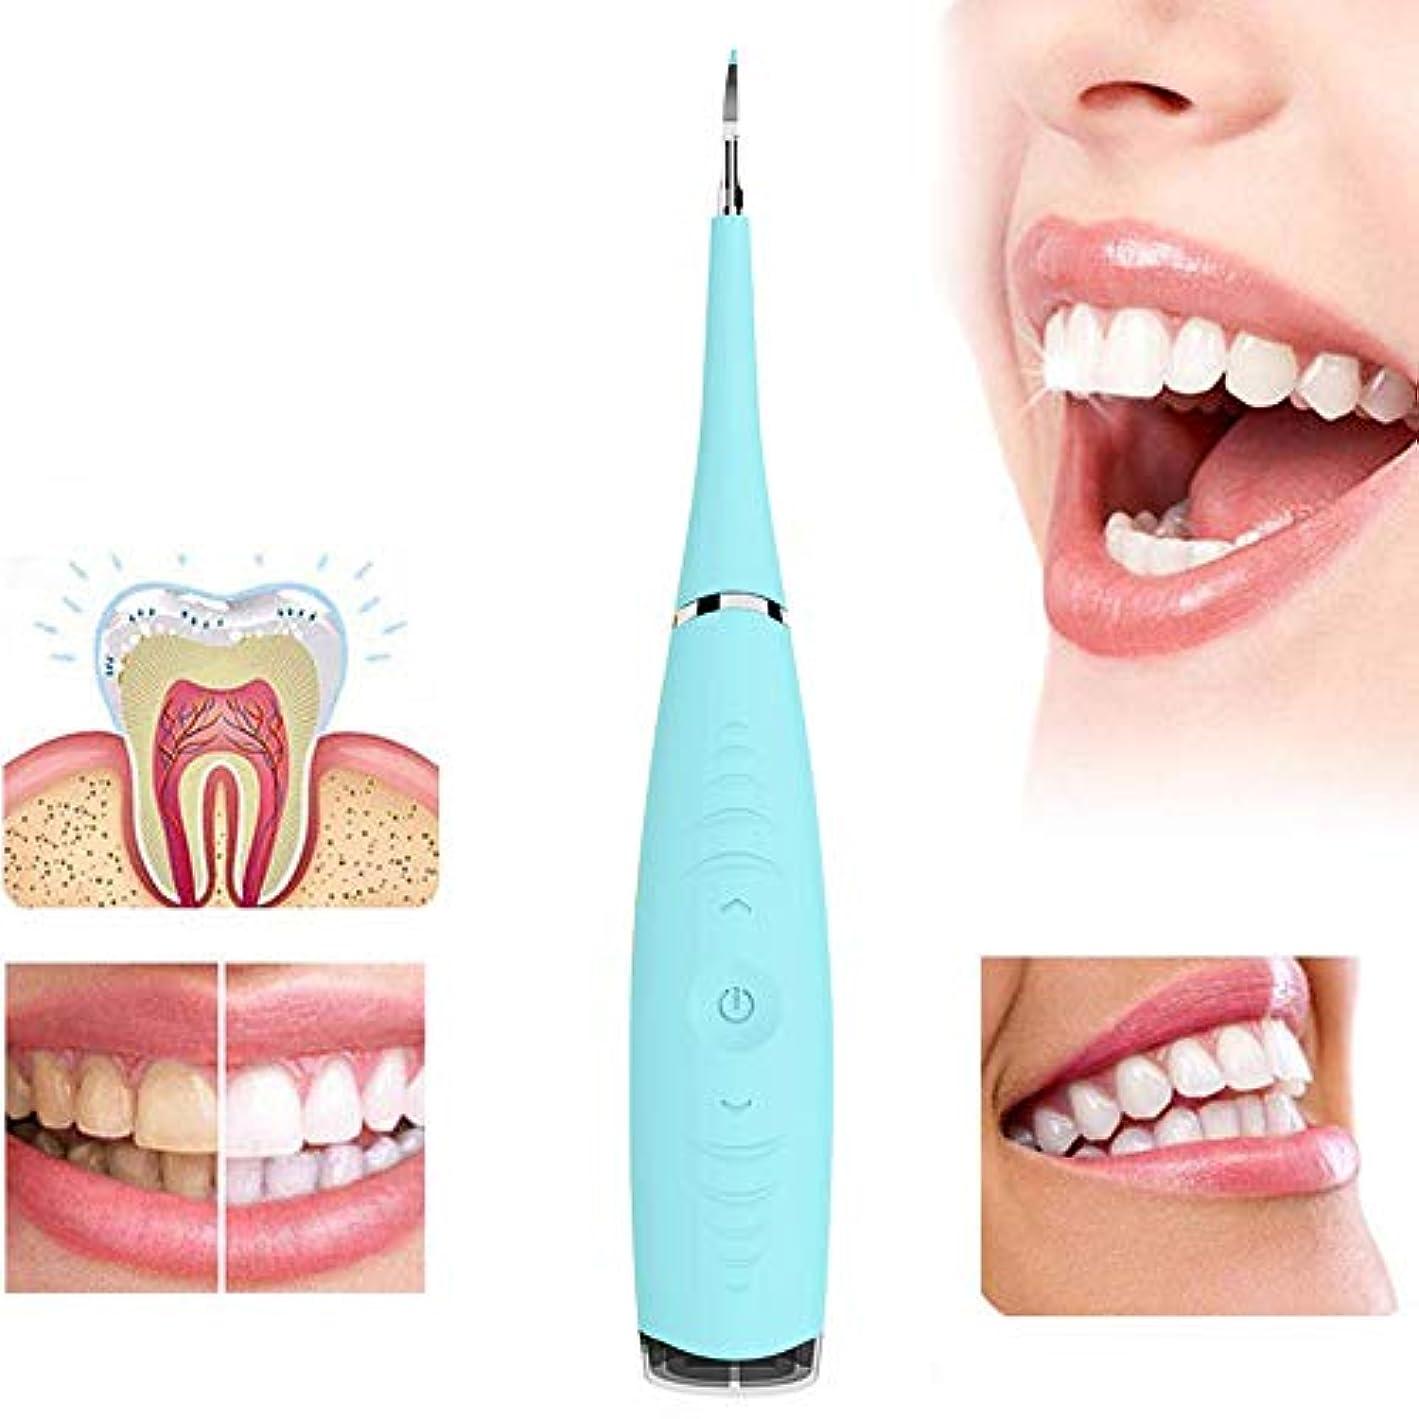 工場しみシンカン歯をホワイトニング電動歯石除去ツール防水ステンレス鋼歯石スクレーパー歯のクリーニング消しゴム